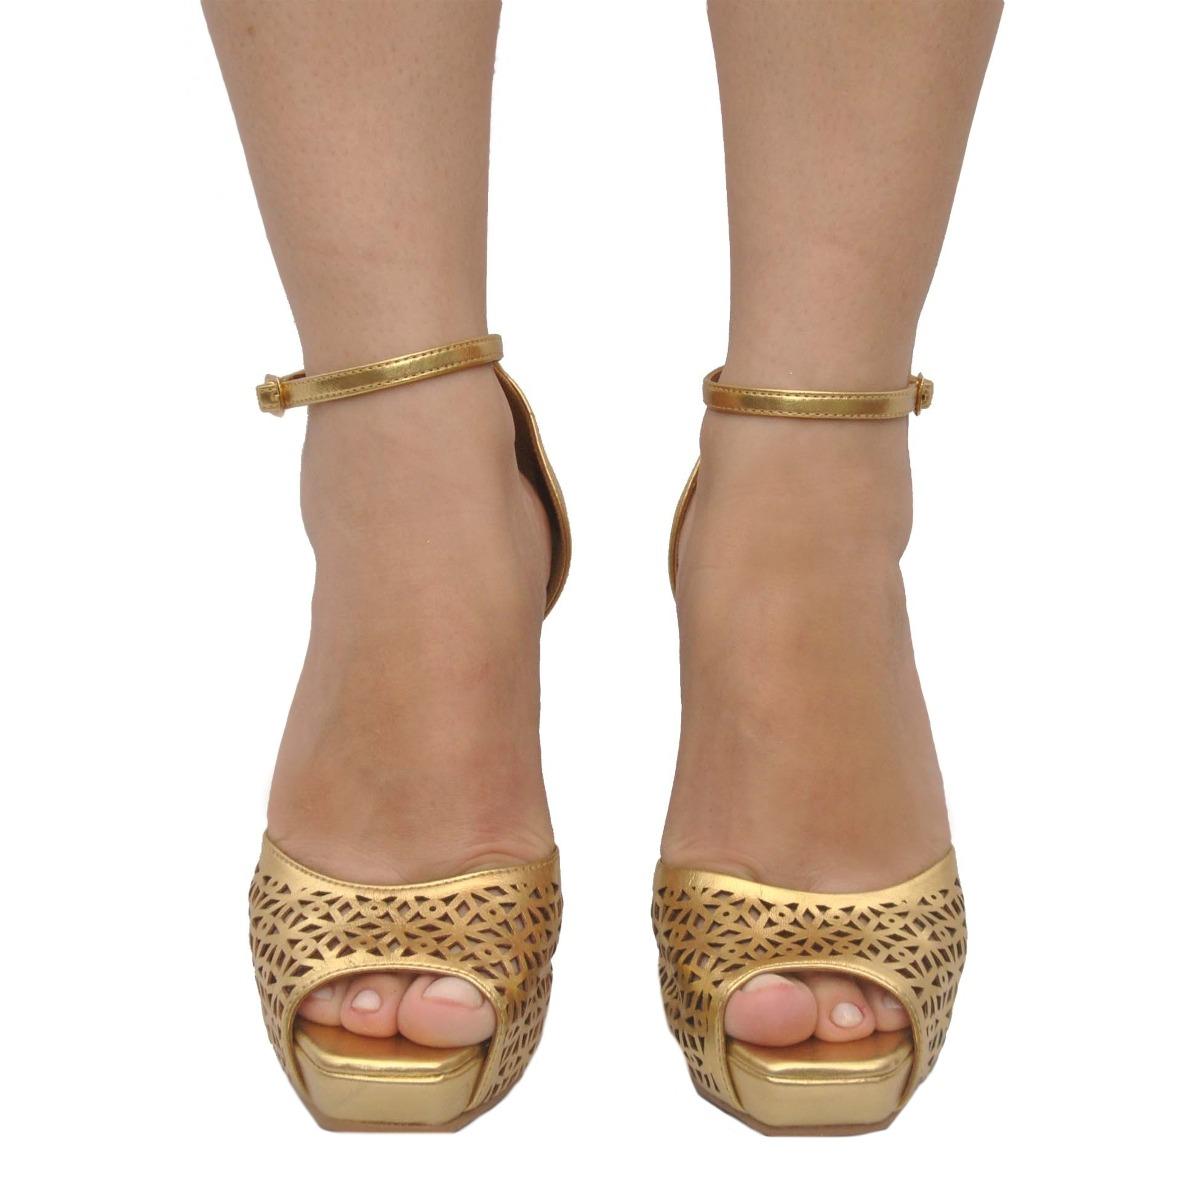 c7746417d sandália feminina peep toe plataforma dourada festa miucha. Carregando  zoom... peep toe plataforma miucha. Carregando zoom.